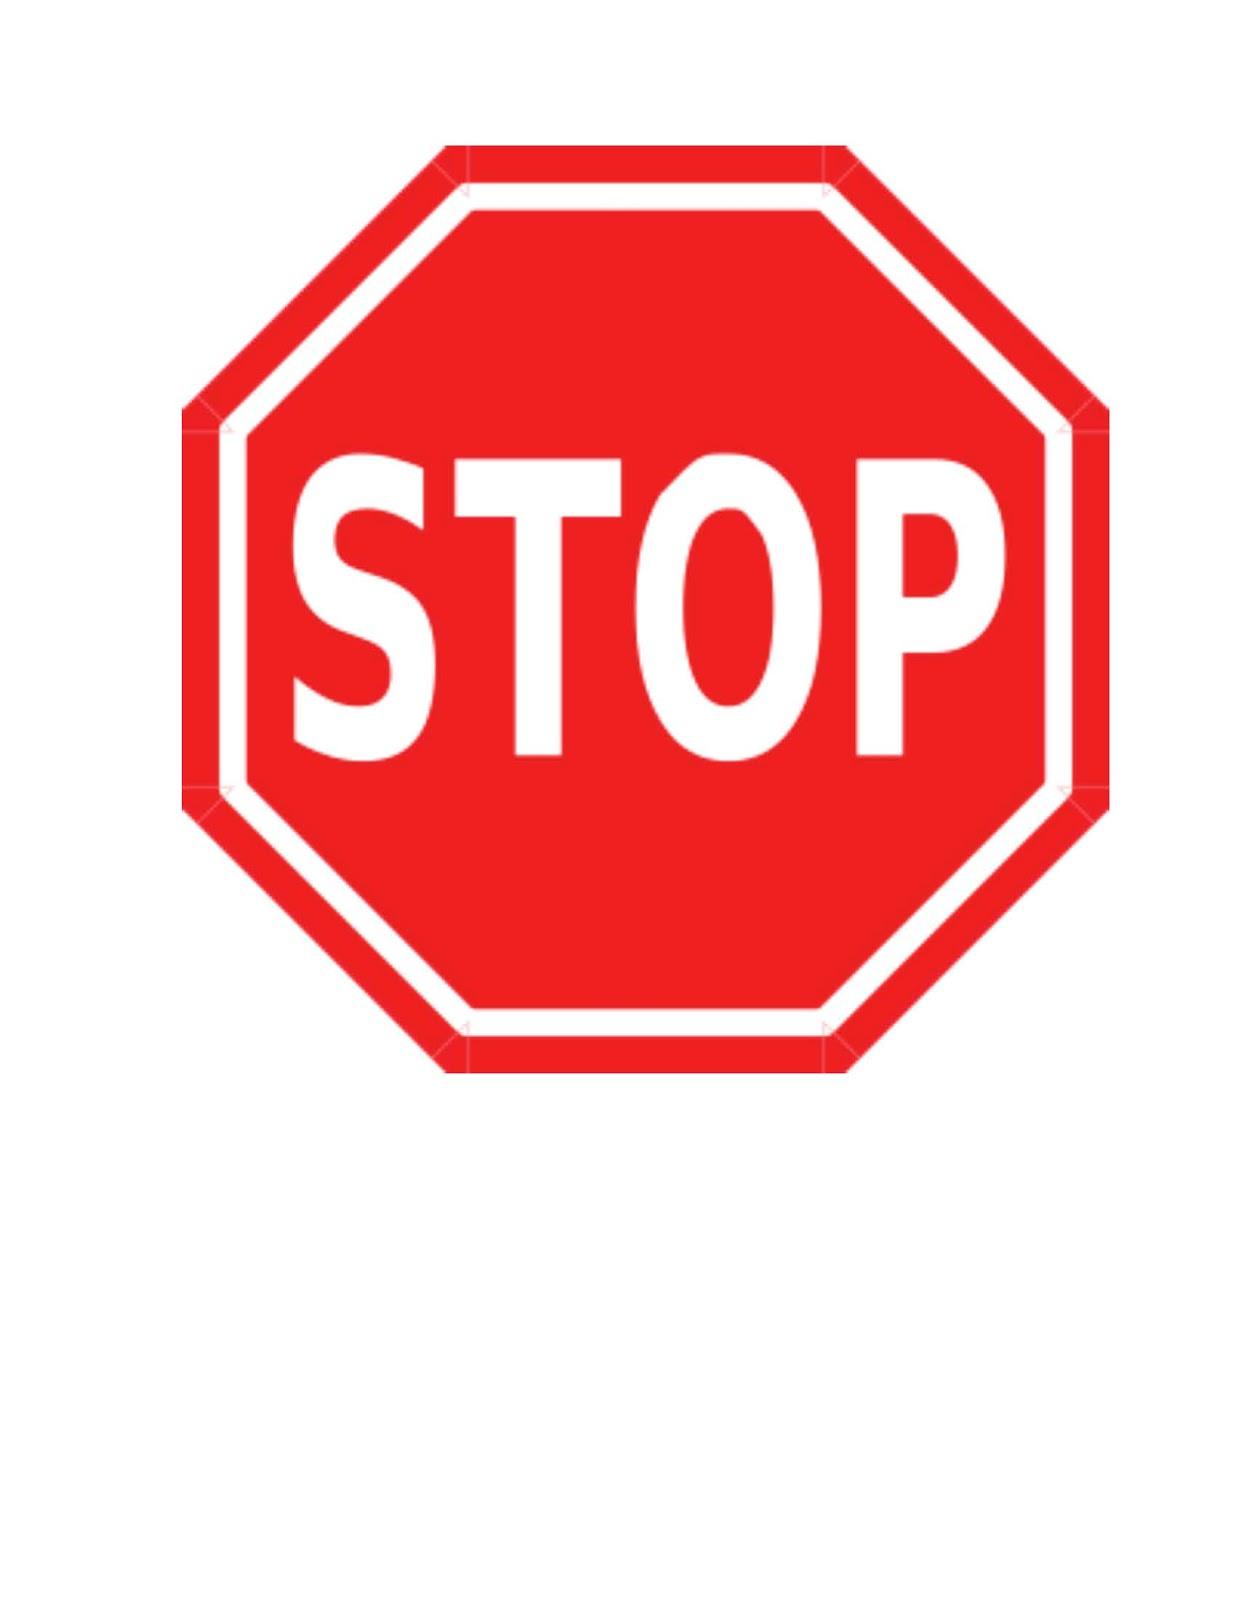 Stop Sign Behavior Management Technique